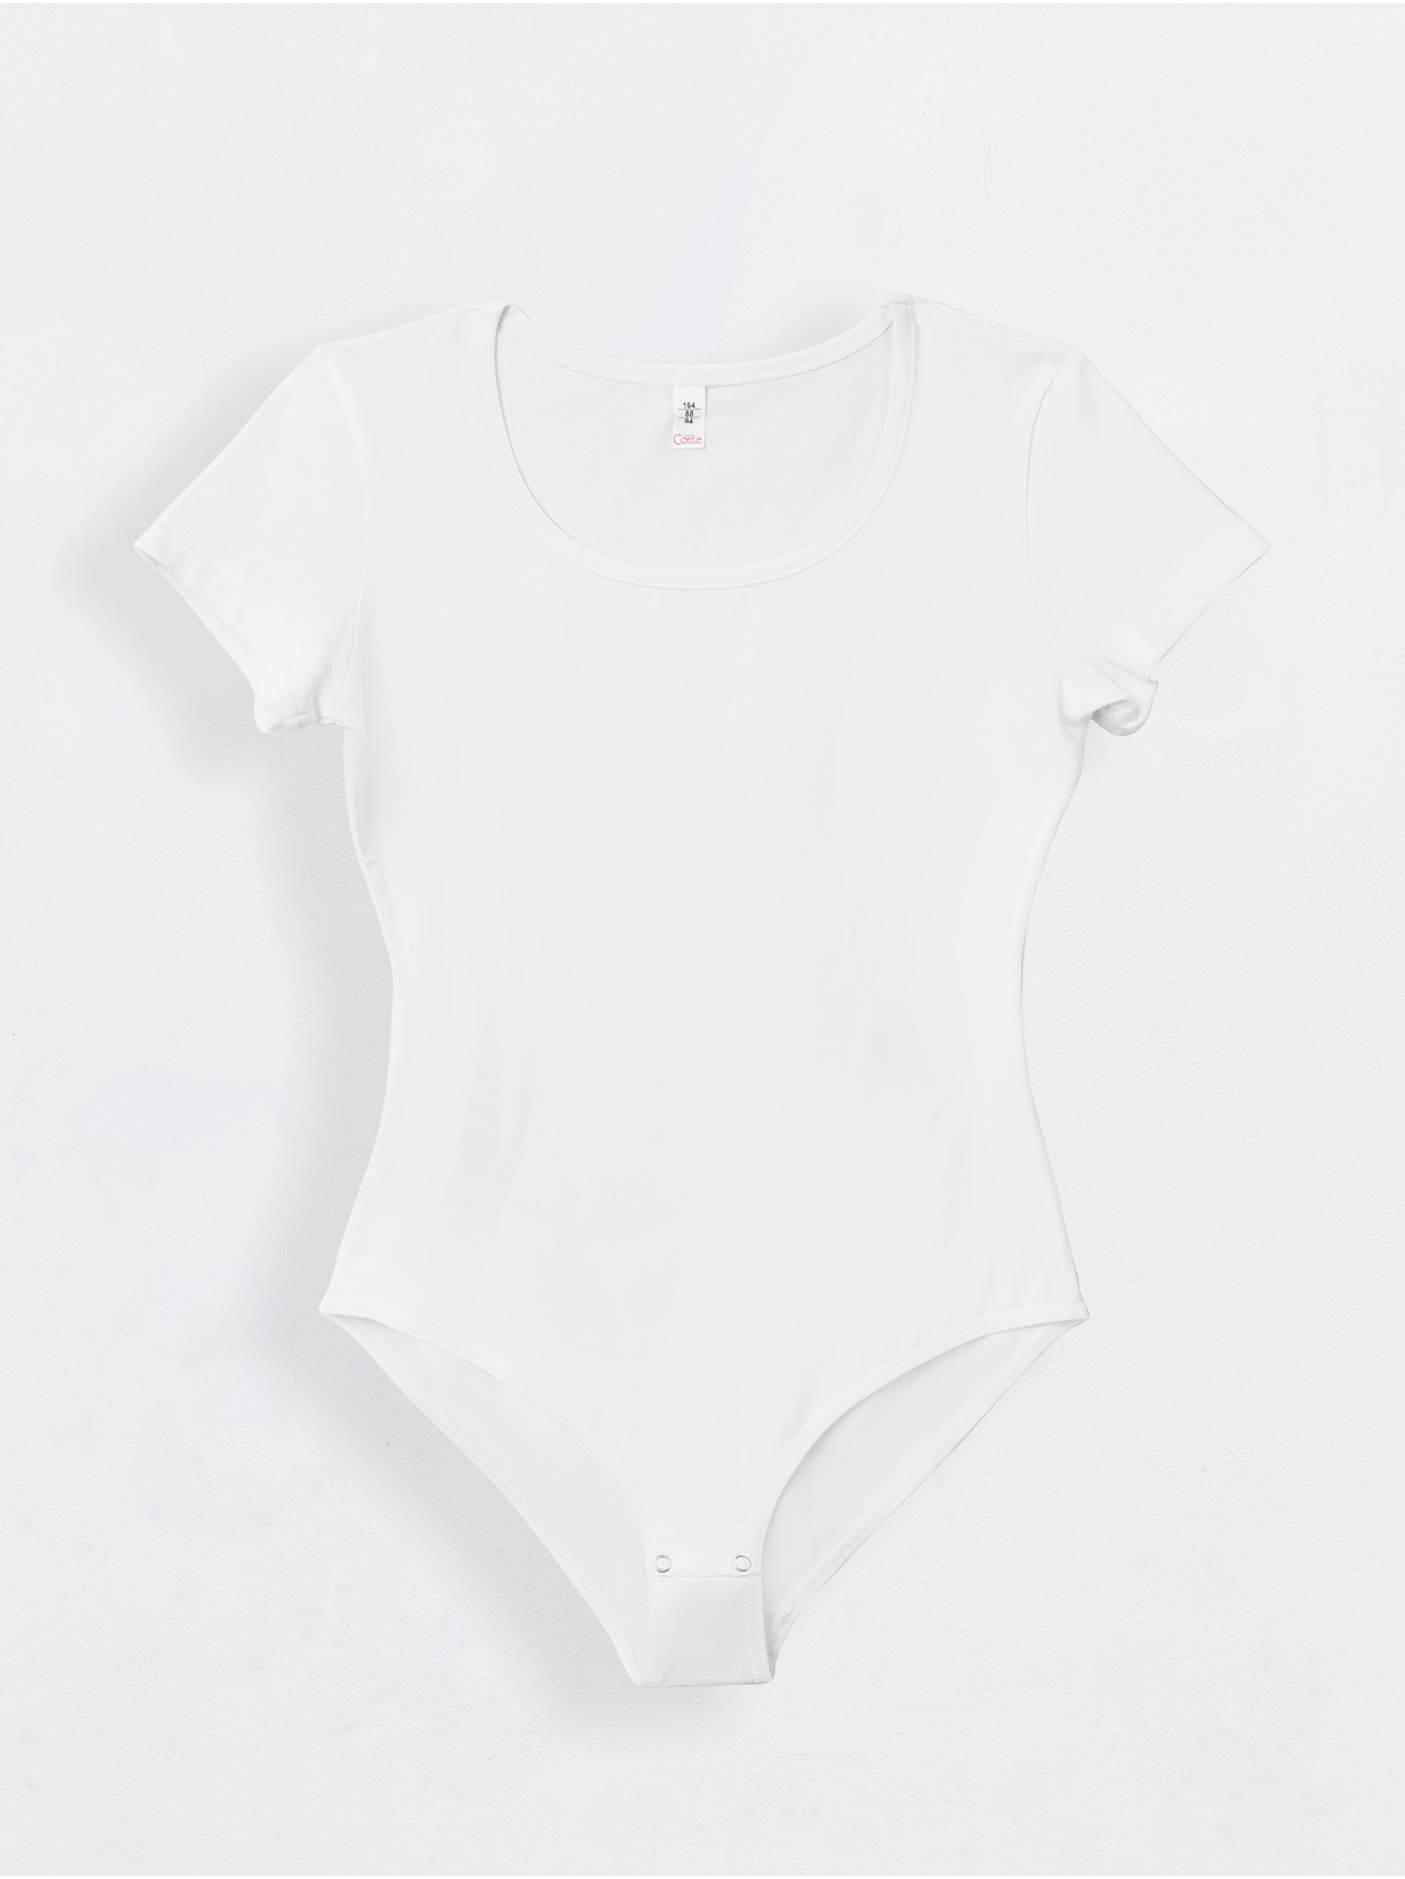 Боди женское ⭐️ Боди женское COMFORT LBF 563 белого цвета ⭐️